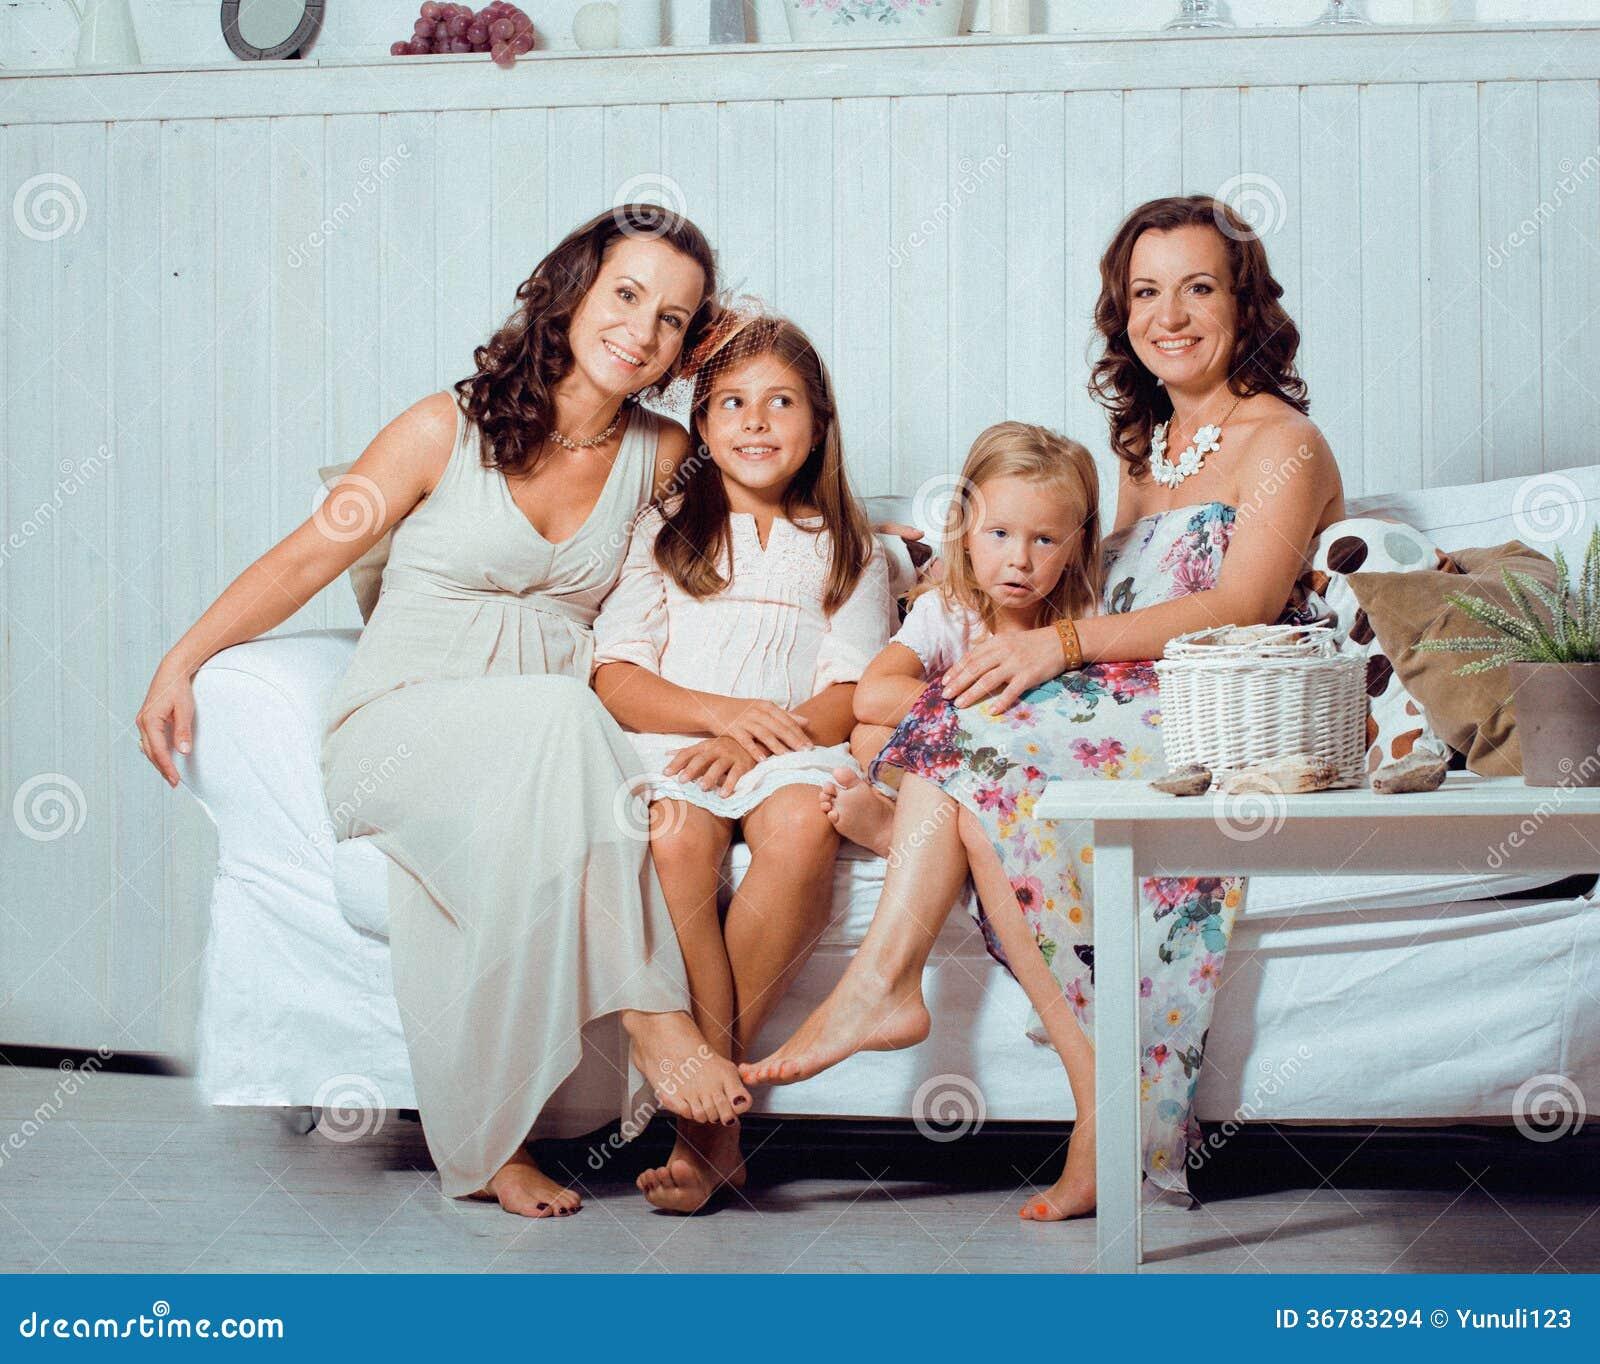 les soeurs m res jumelle la maison avec la petite fille famille heureuse images stock image. Black Bedroom Furniture Sets. Home Design Ideas